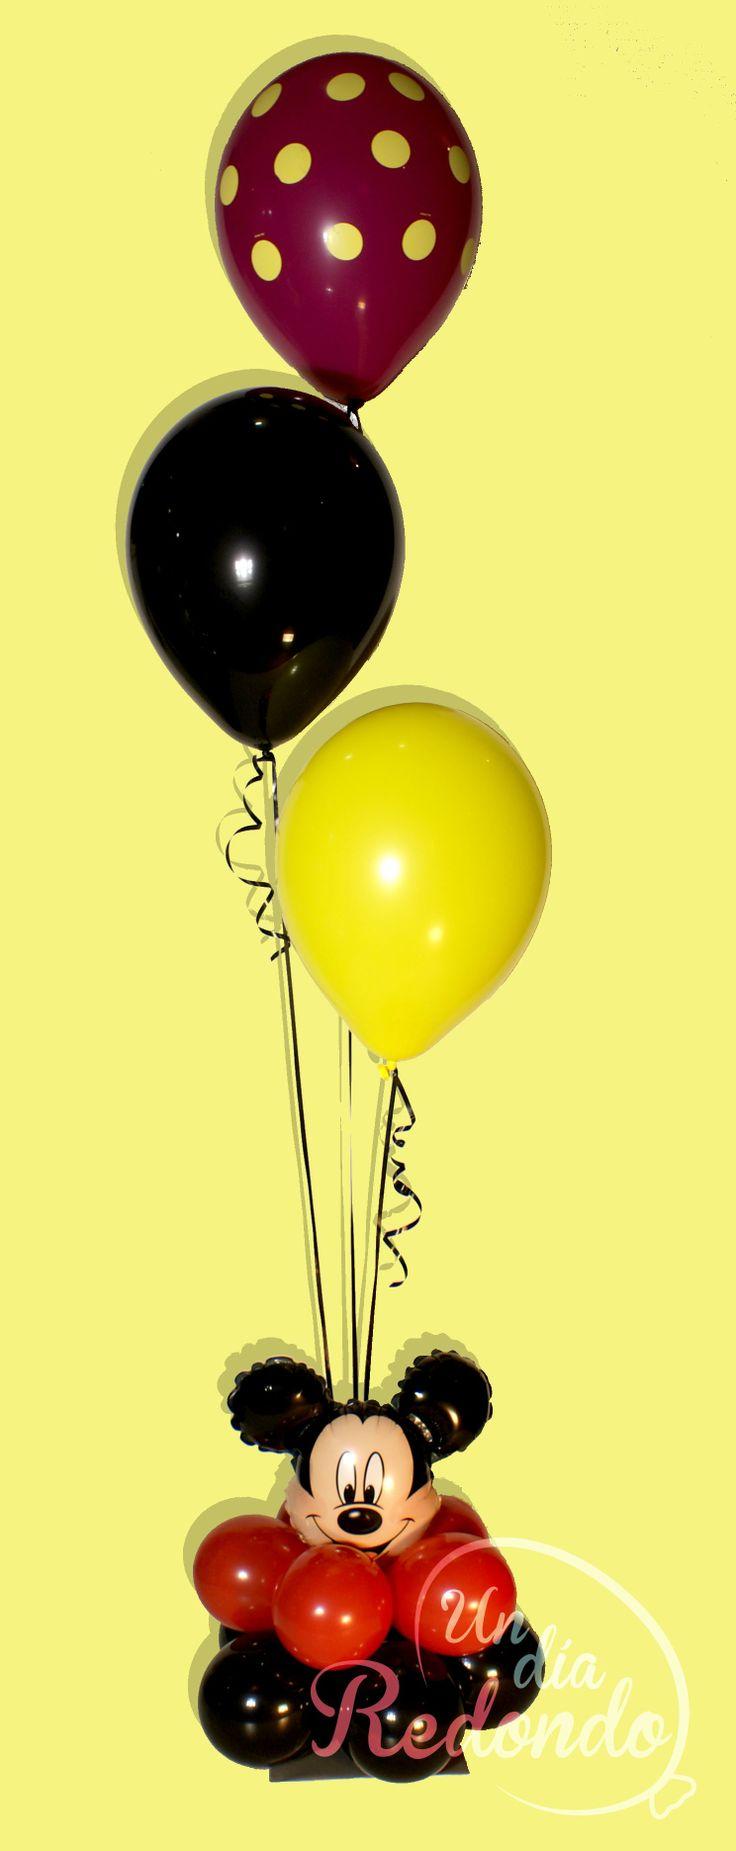 Centro de mesa de Mikey Mouse realizado con globos.